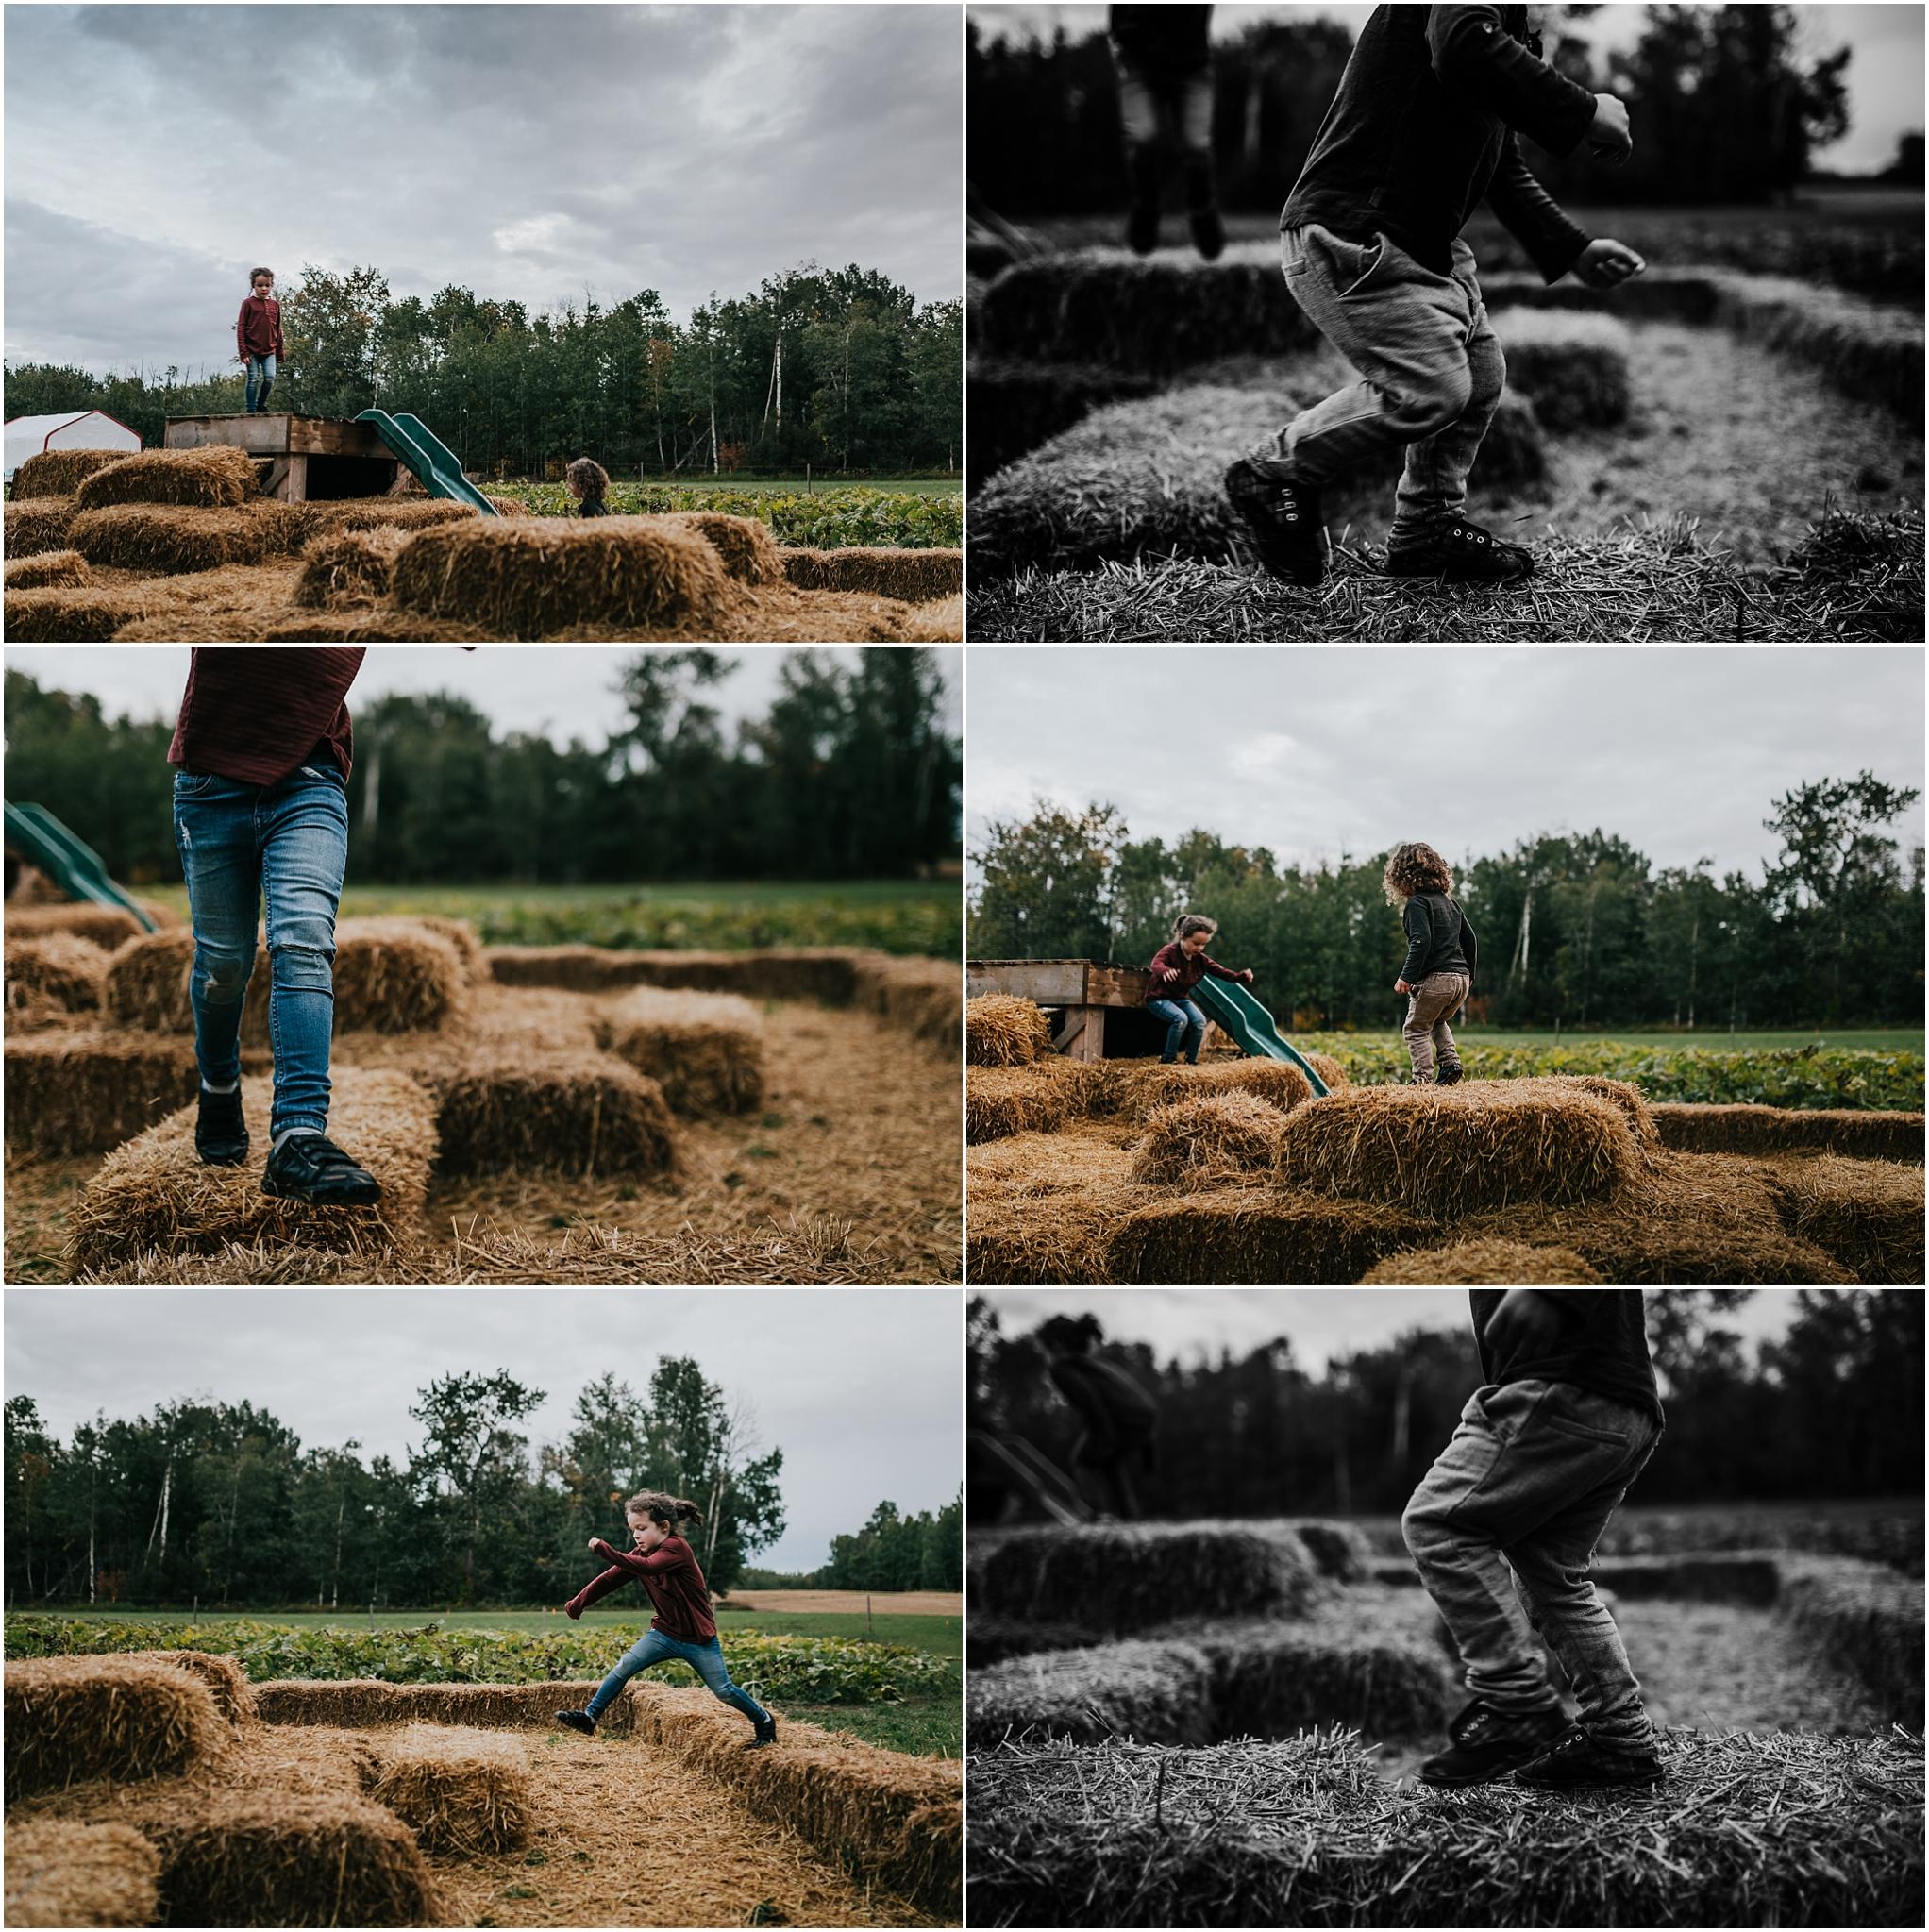 Edmonton Family Photographer - Treelines Photography